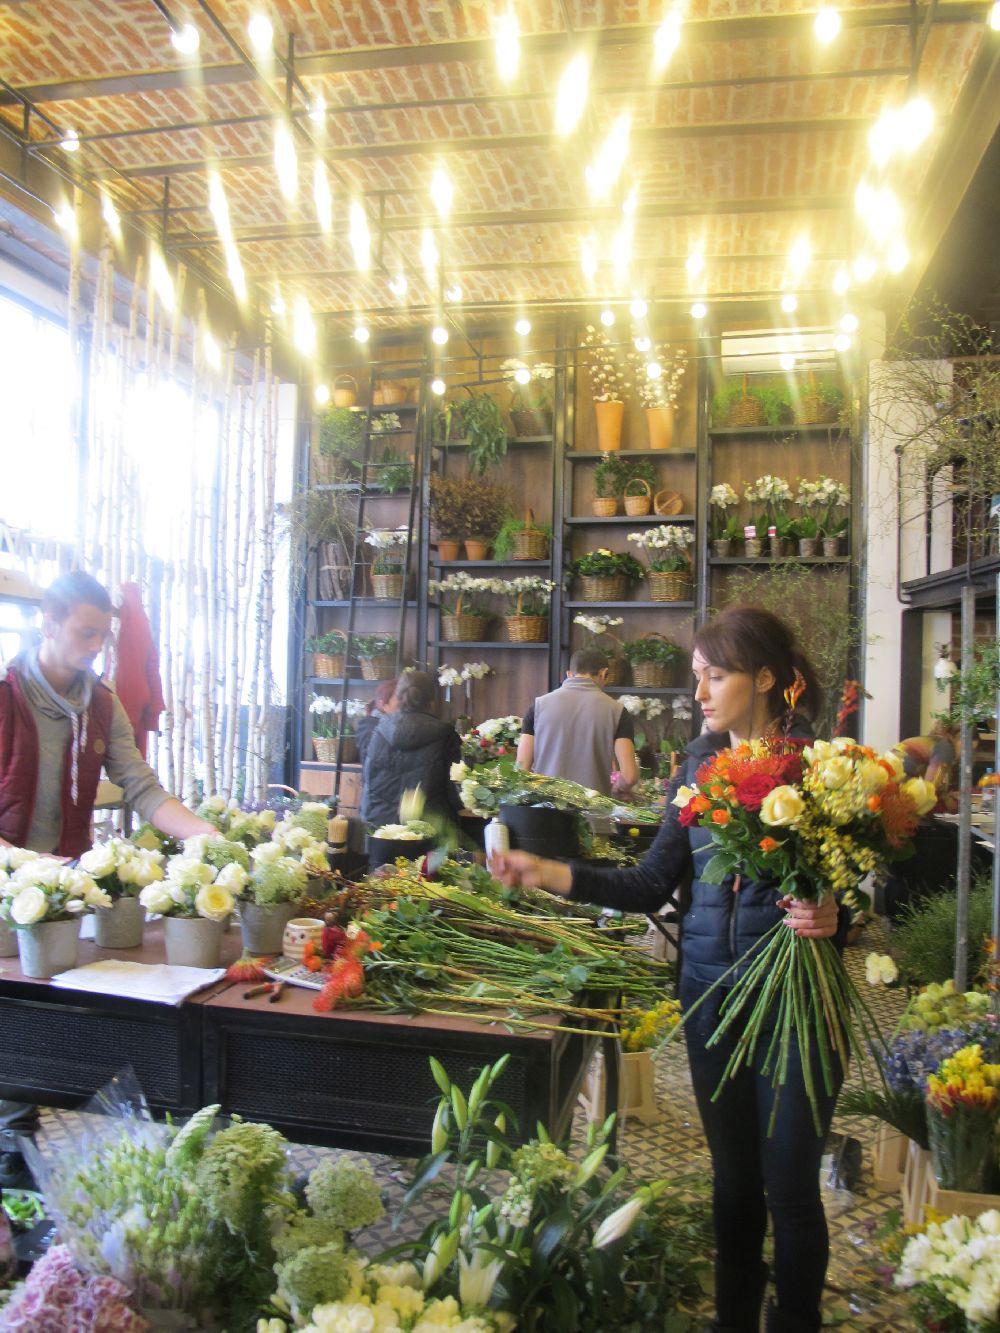 adelaparvu.com despre atelierul designerului florist Nicu Bocancea, Foraria Iris, design interior Pascal Delmotte (42)